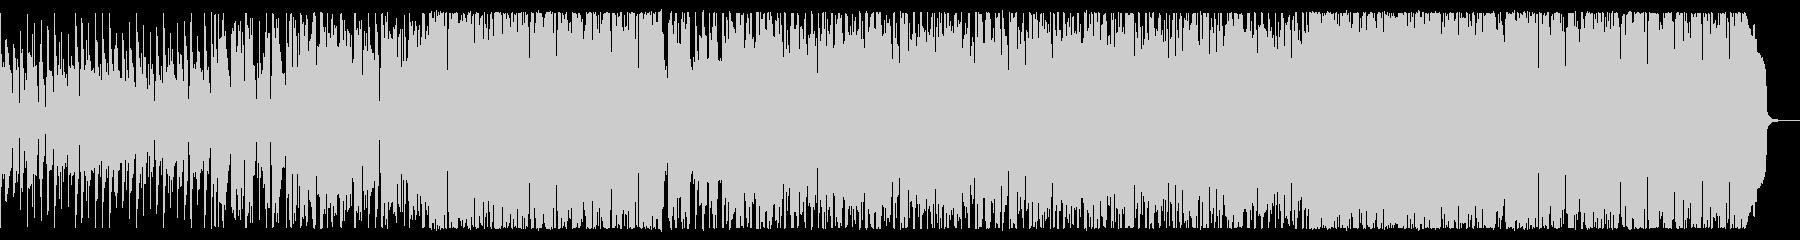 軽快で少し切ないフュージョンロックの未再生の波形